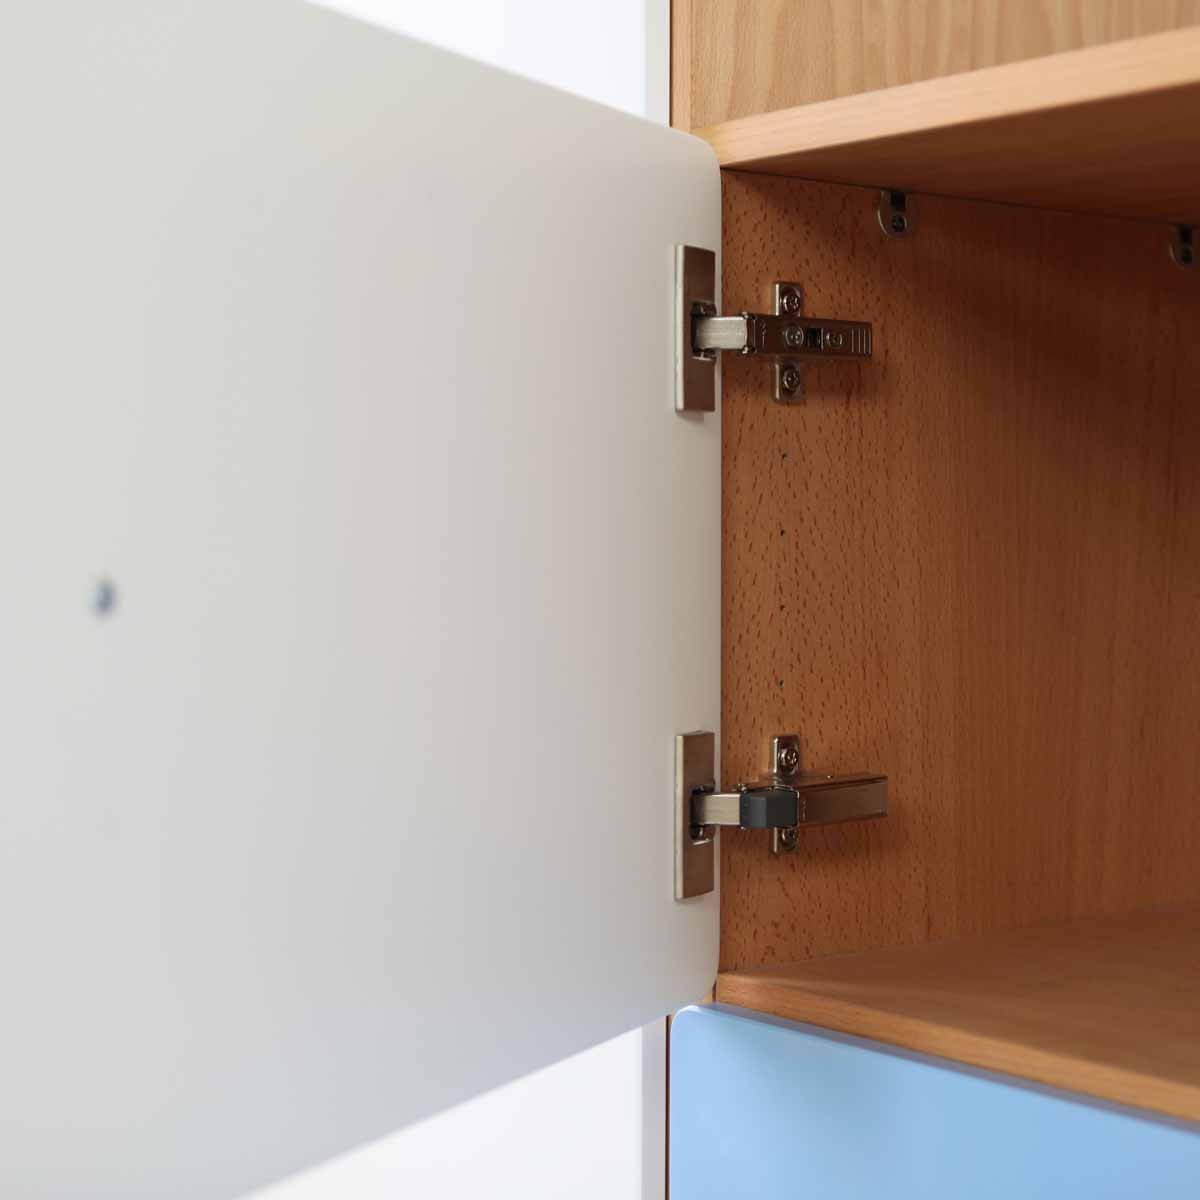 Schranktür 1/5 35cm-Griff DESTYLE de Breuyn MDF lindgrün-lackiert